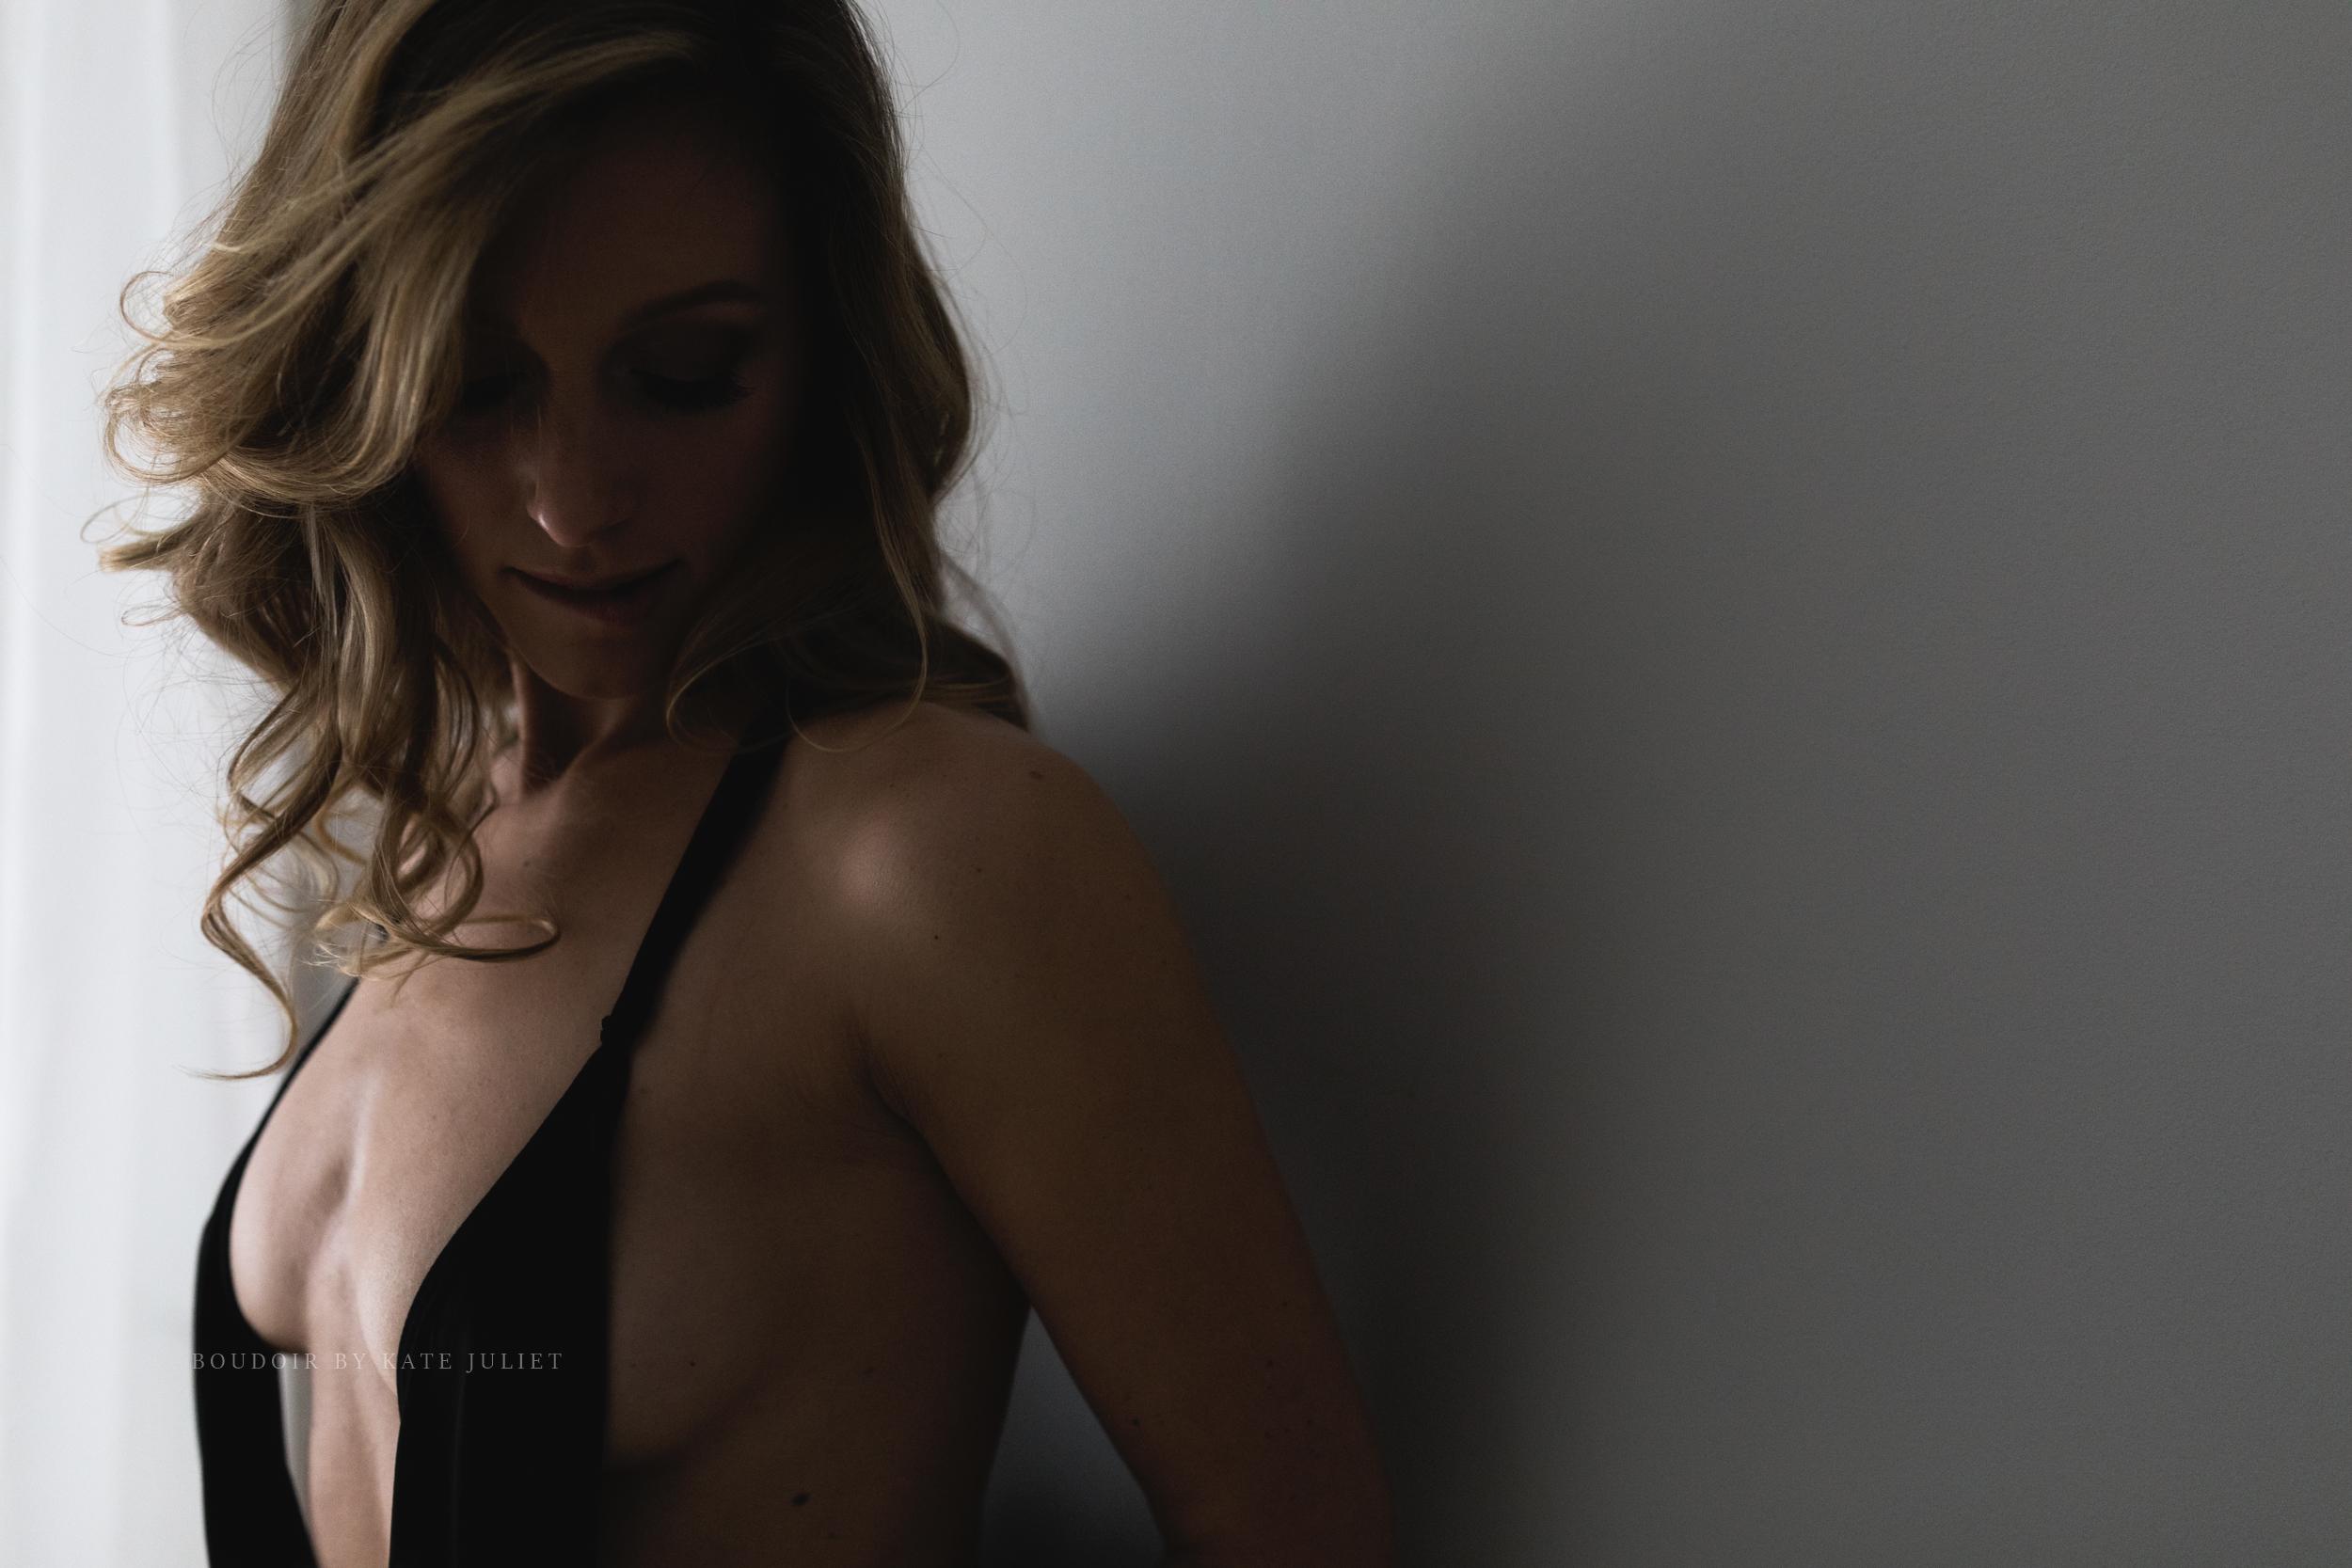 boudoir_by_kate_juliet_web-1-17.jpg